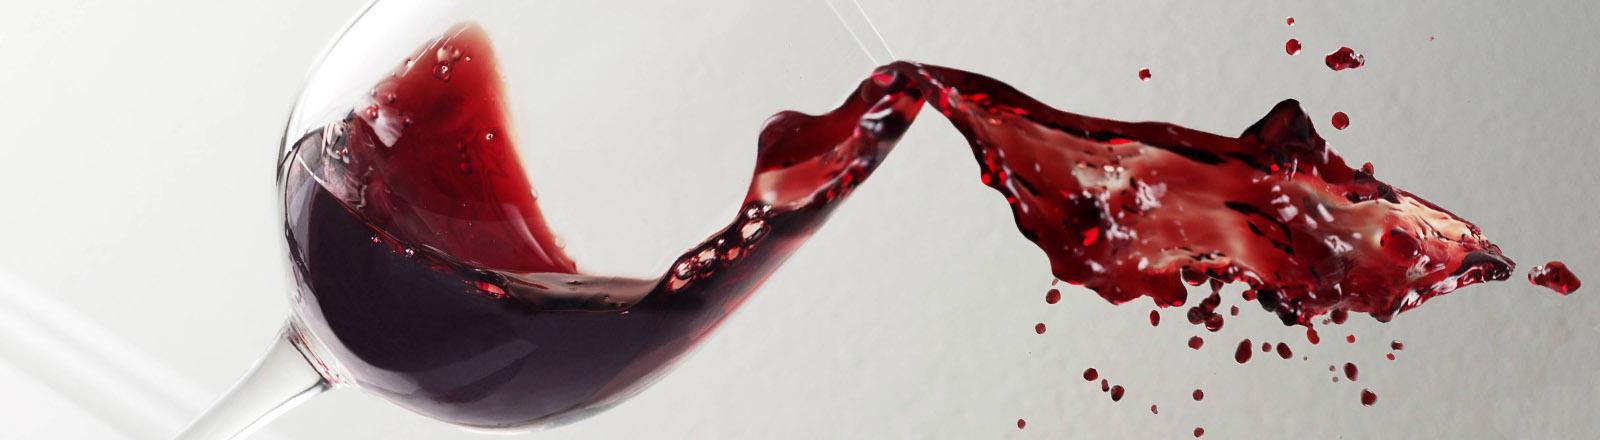 Wein im Glas.